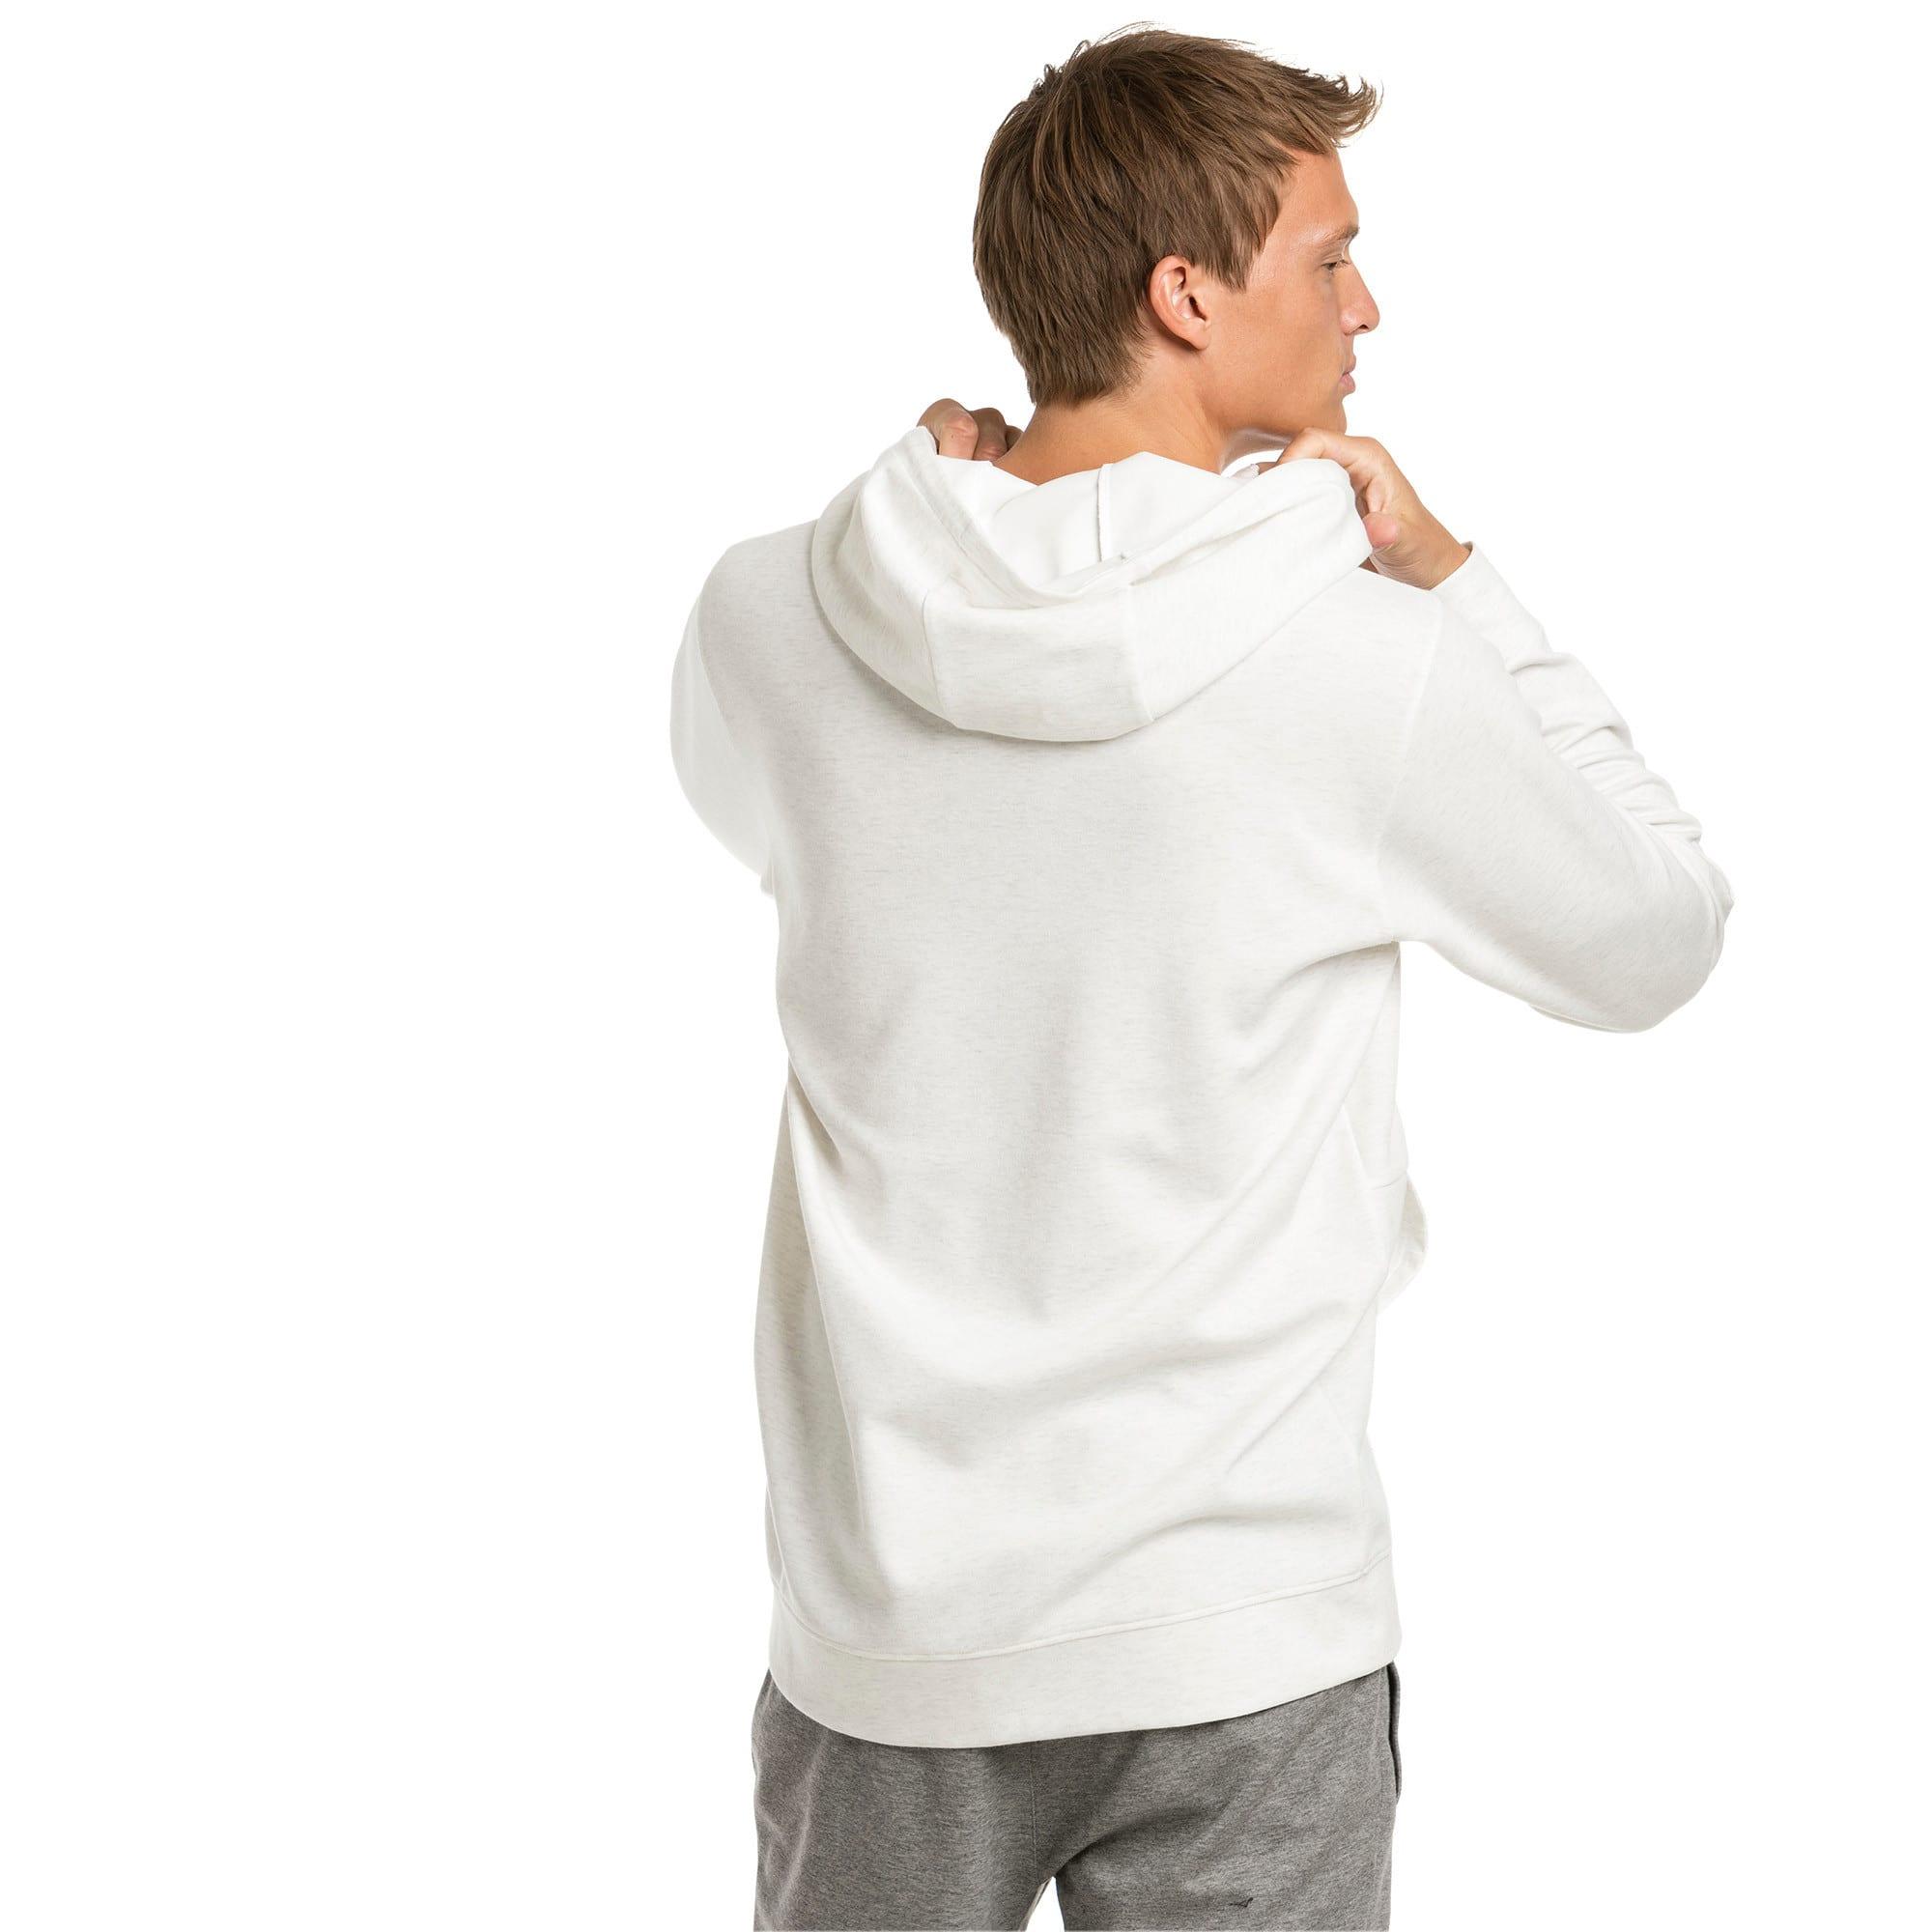 Thumbnail 2 of Energy Men's Jacket, Puma White-Heather, medium-IND